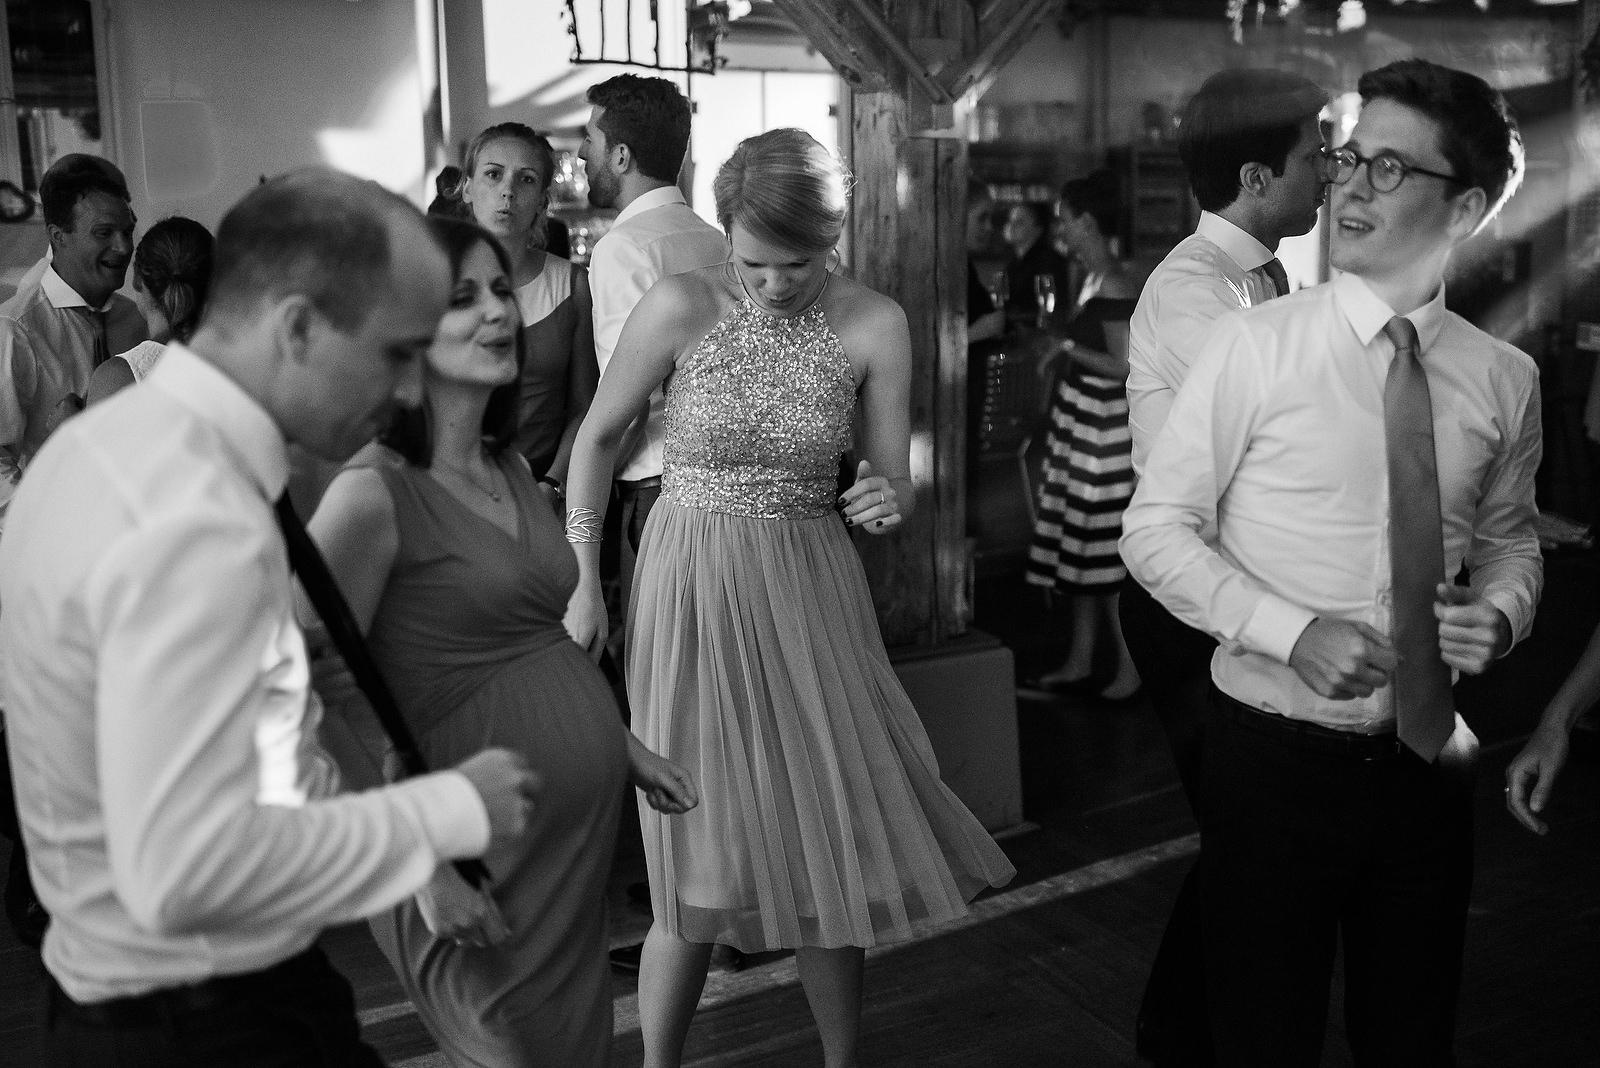 Fotograf Konstanz - Hochzeitsfotograf Bodensee Zollhaus Ludwigshafen Hochzeit Konstanz EFP 143 - Hochzeitsreportage im Zollhaus in Bodman-Ludwigshafen, Bodensee  - 245 -